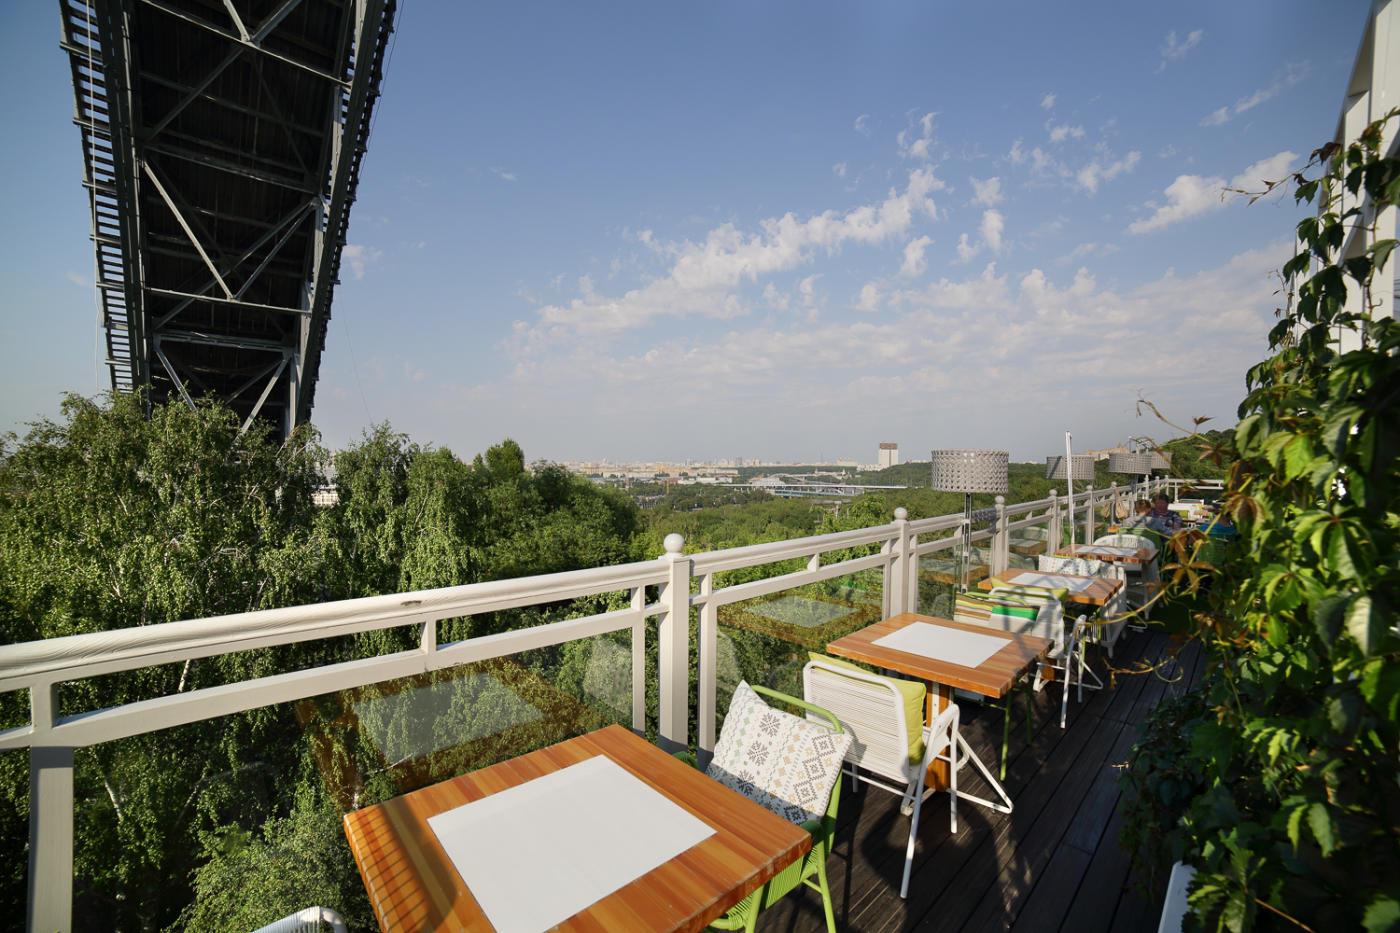 Панорамный Ресторан Трамплин на Воробьевых Горах фото 45